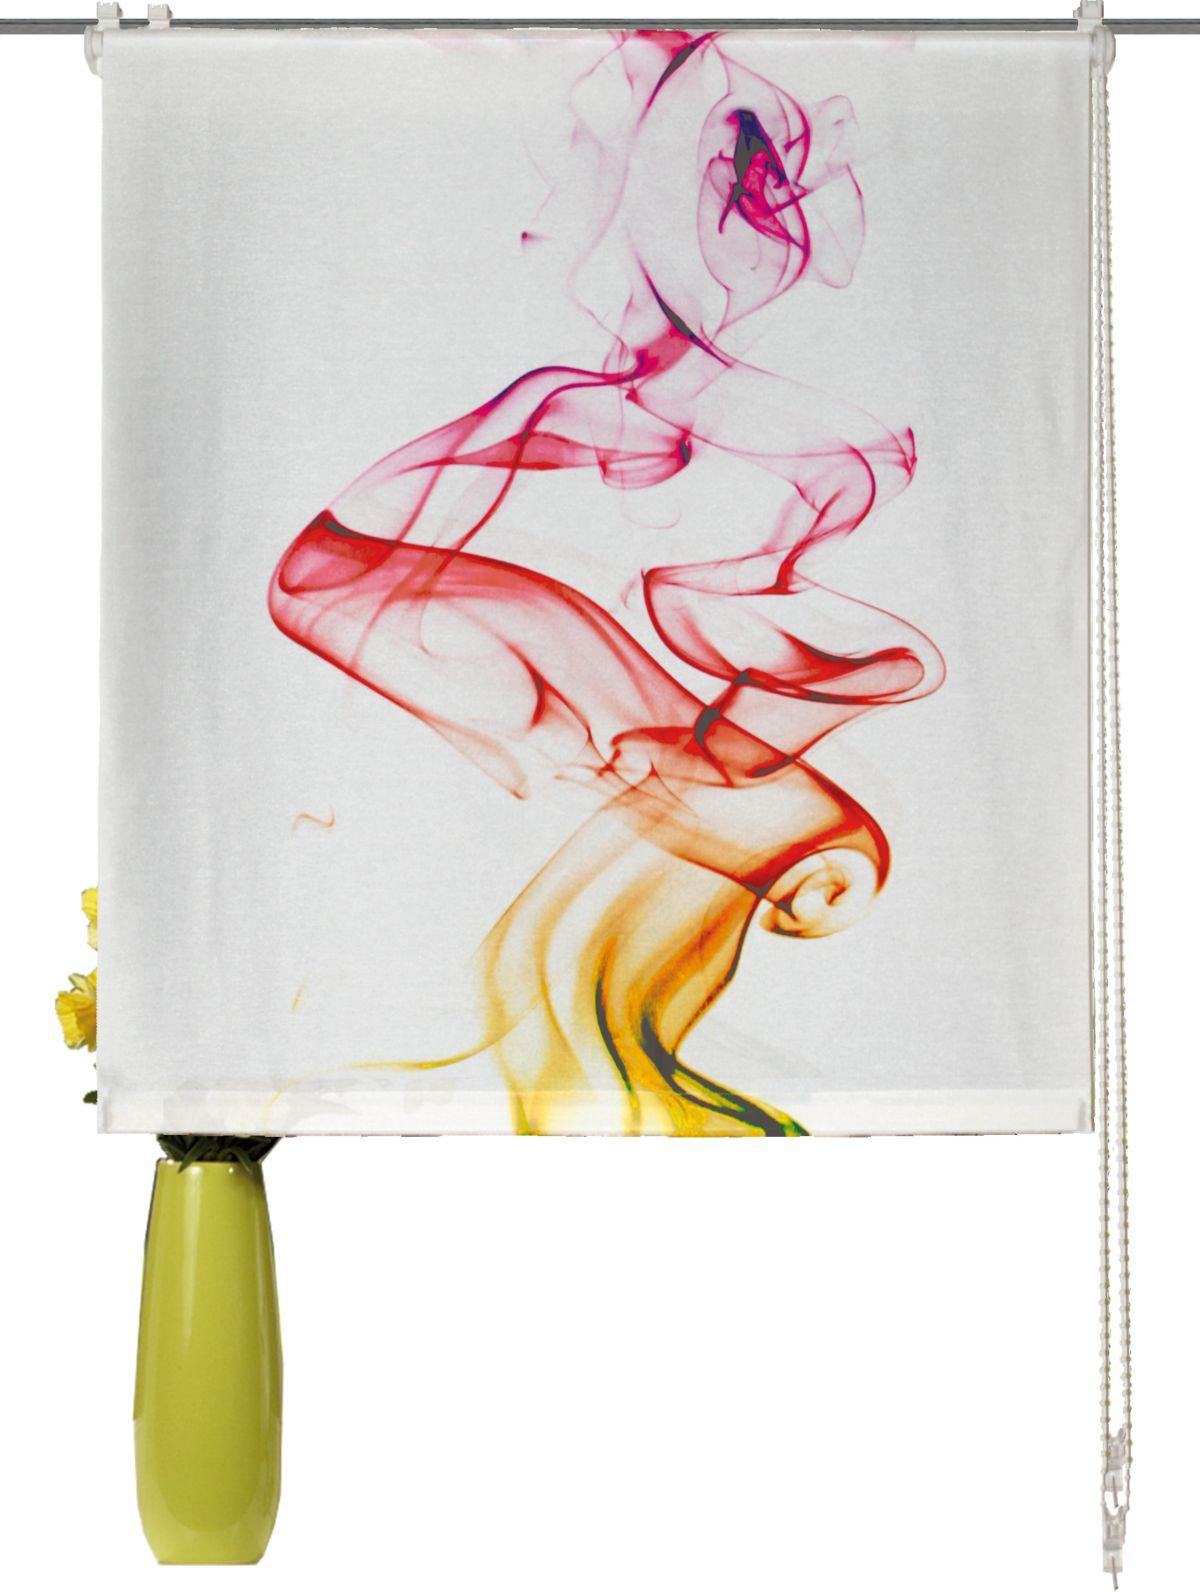 Turbo Leinwand Bild Canvas Art Kunstdruck Leinwandbild Auf Der Ganzen Welt Verteilt Werden Accessoires & Fanartikel Porsche 911 Carrera Poster & Bilder